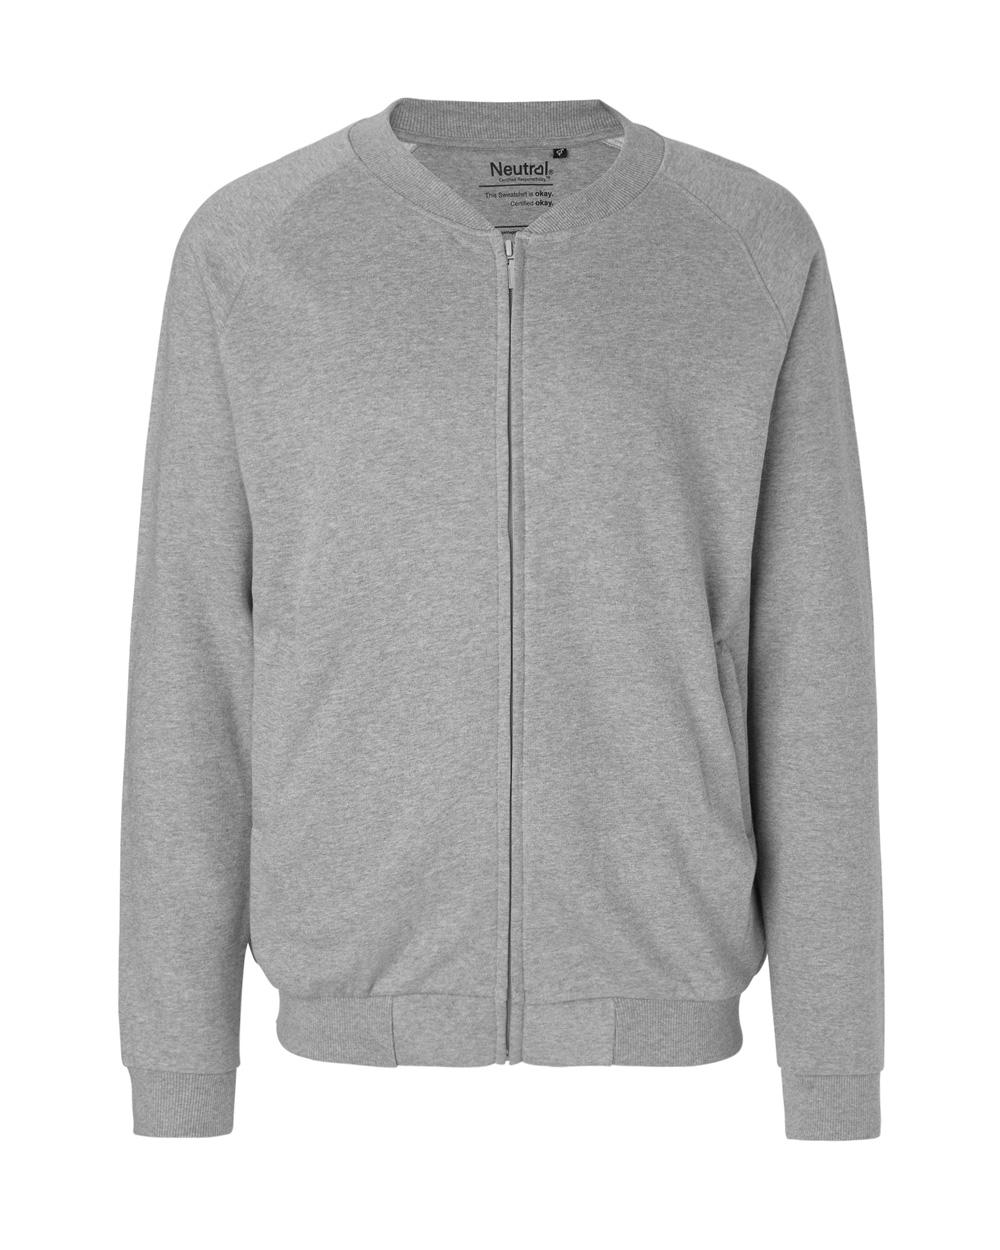 5c8a4a3b Grå jakke - 100 % økologisk bomull » Grønt Skift